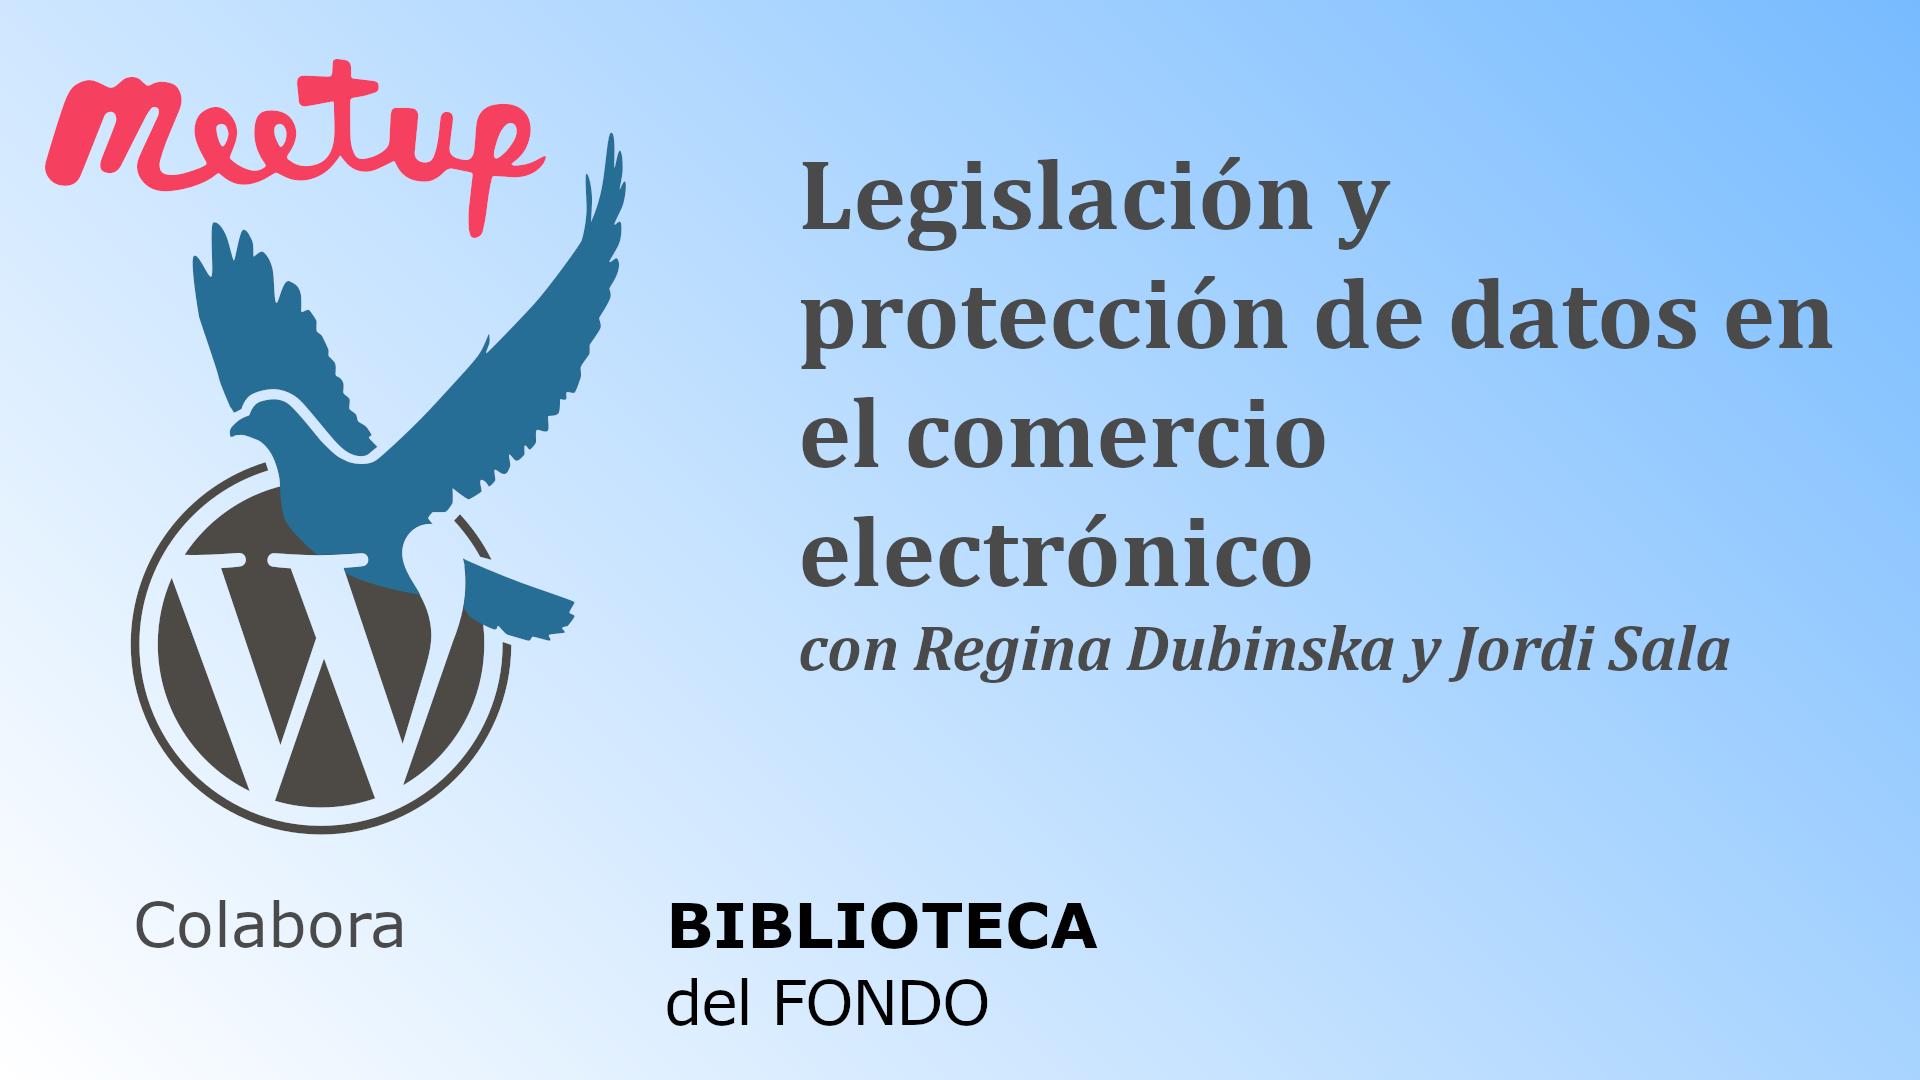 Vídeo: Legislación y protección de datos en el comercio electrónico